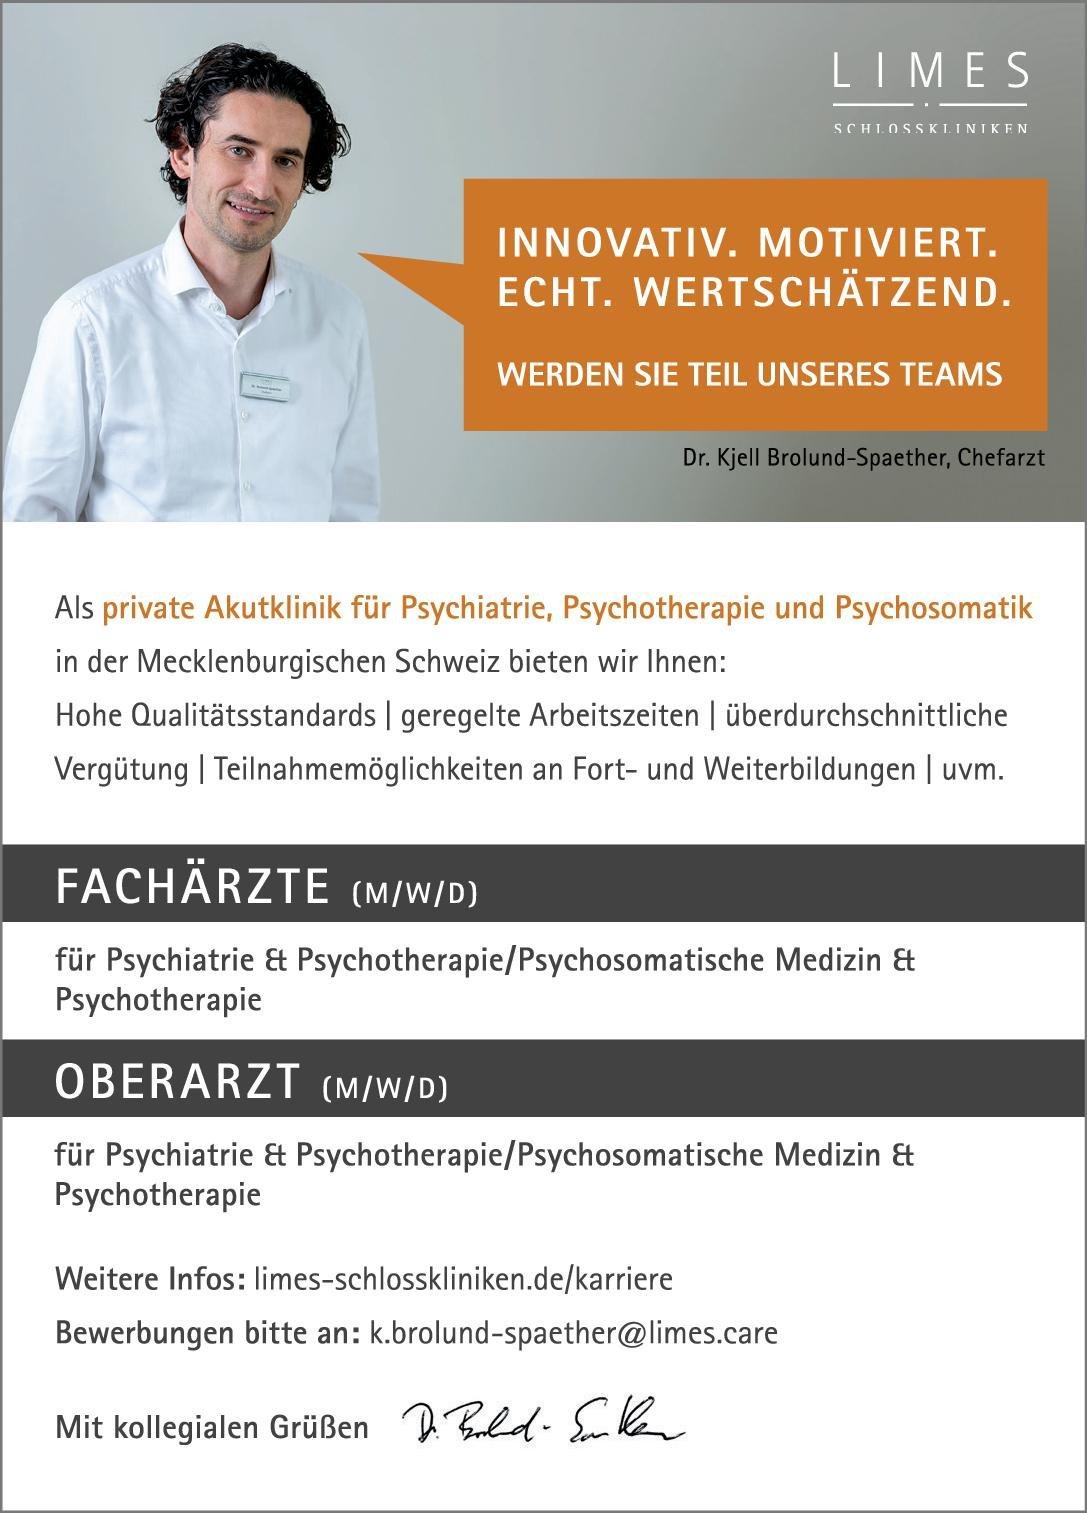 Limes Schlossklinik Rostocker Land Fachärzte (m/w/d) für Psychiatrie & Psychotherapie/Psychosomatische Medizin & Psychotherapie  Psychiatrie und Psychotherapie, Psychiatrie und Psychotherapie, Psychosomatische Medizin und Psychotherapie Arzt / Facharzt